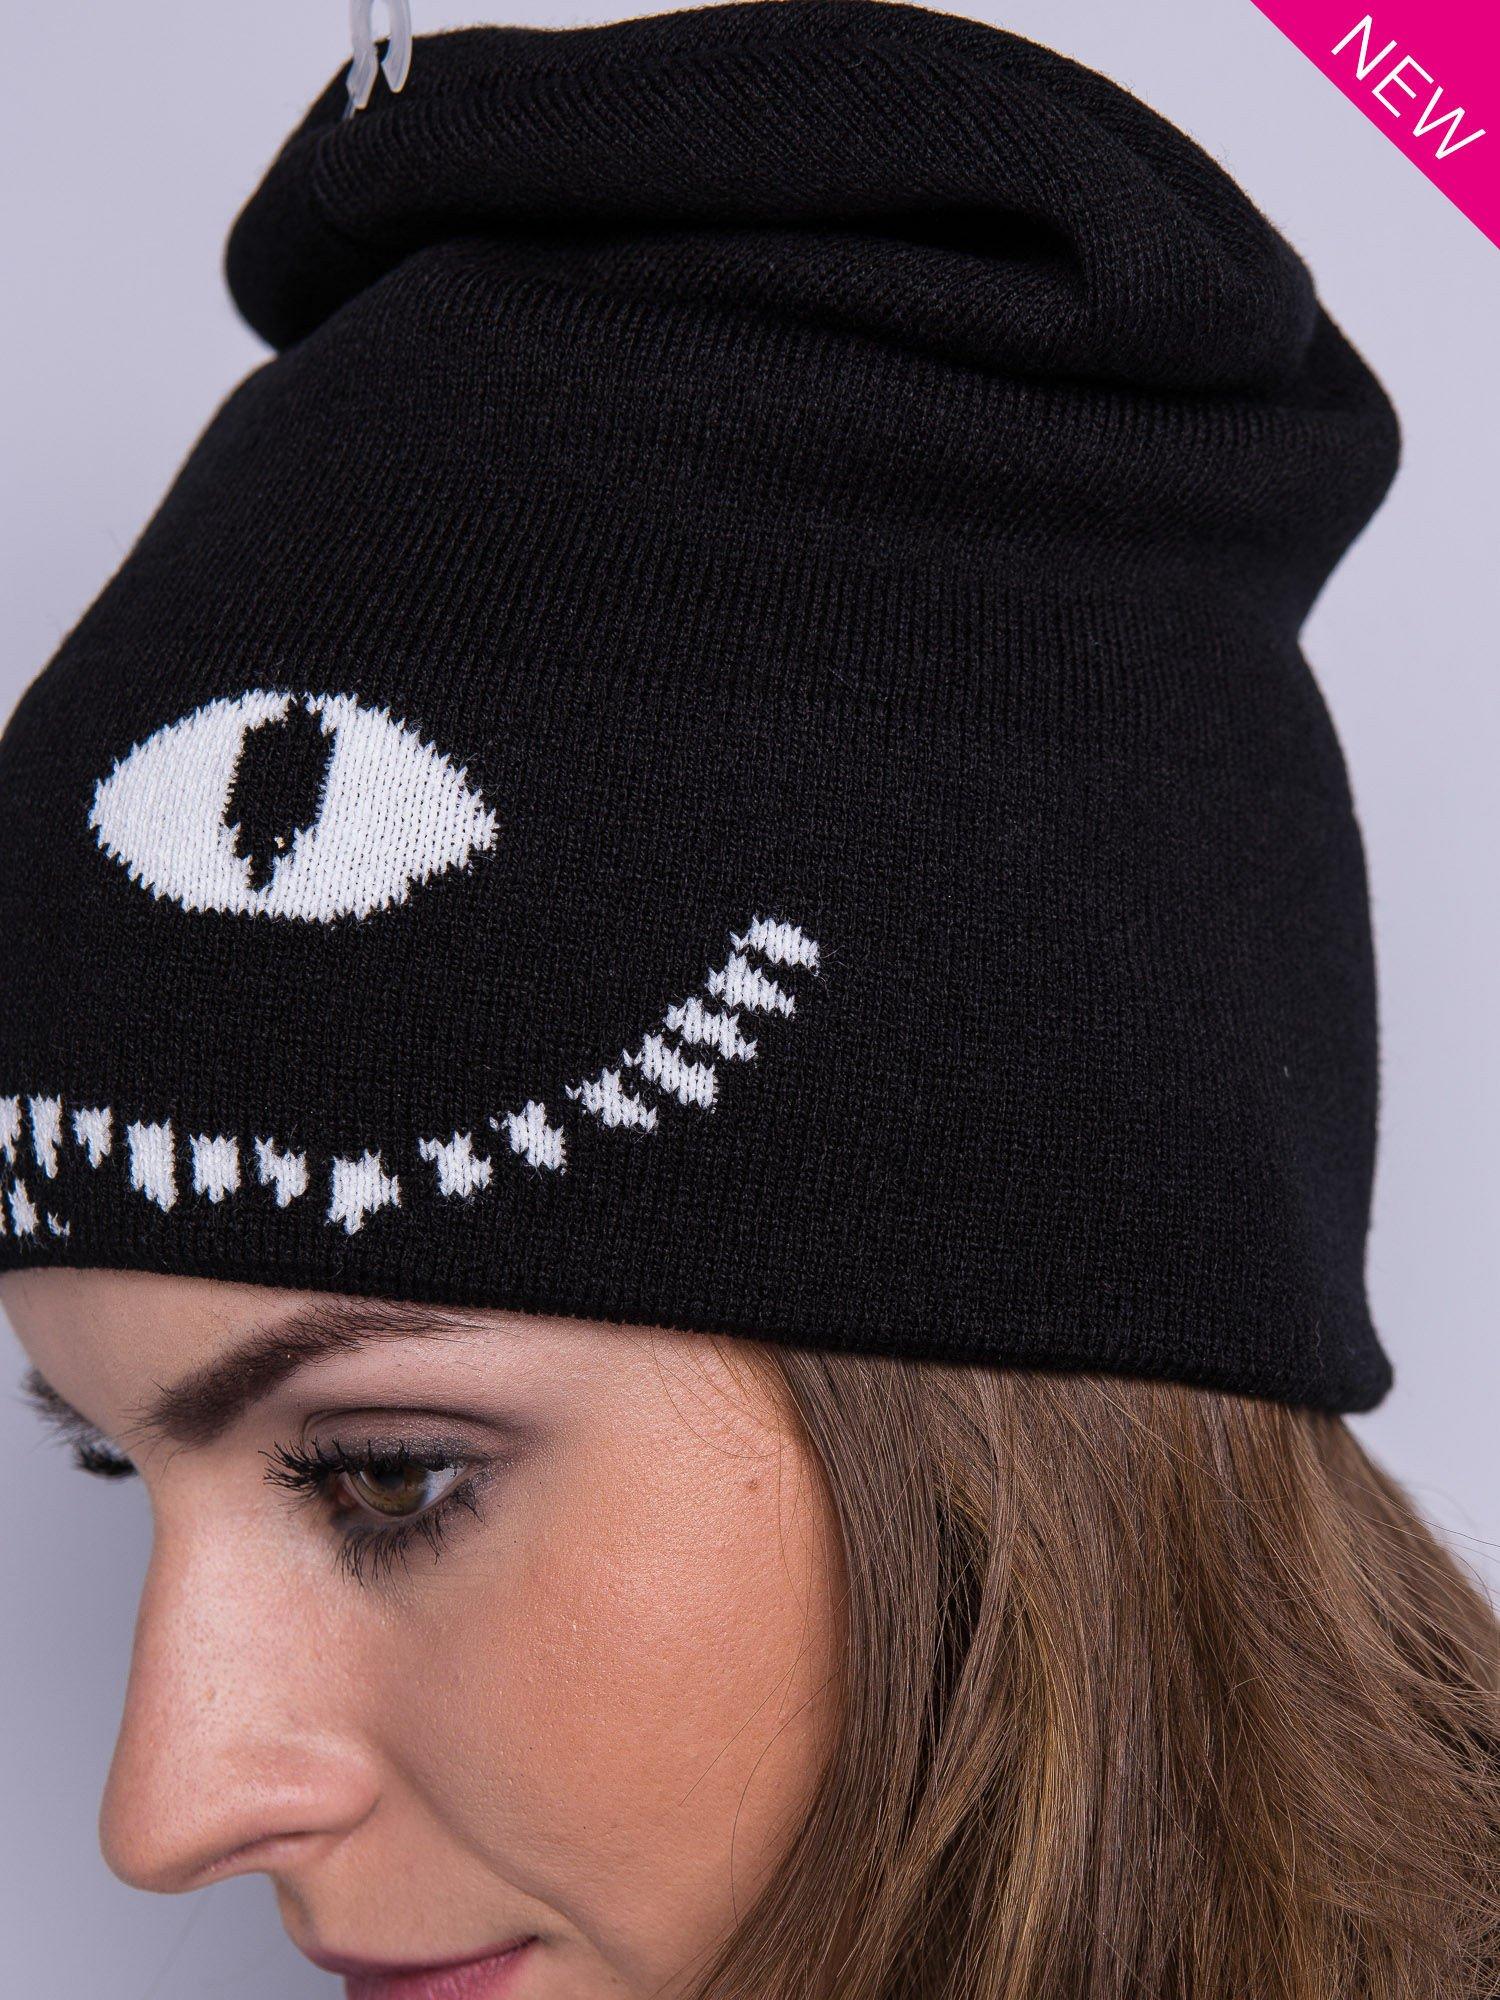 Czarna czapka beanie z oczami i z uśmiechem                                  zdj.                                  4